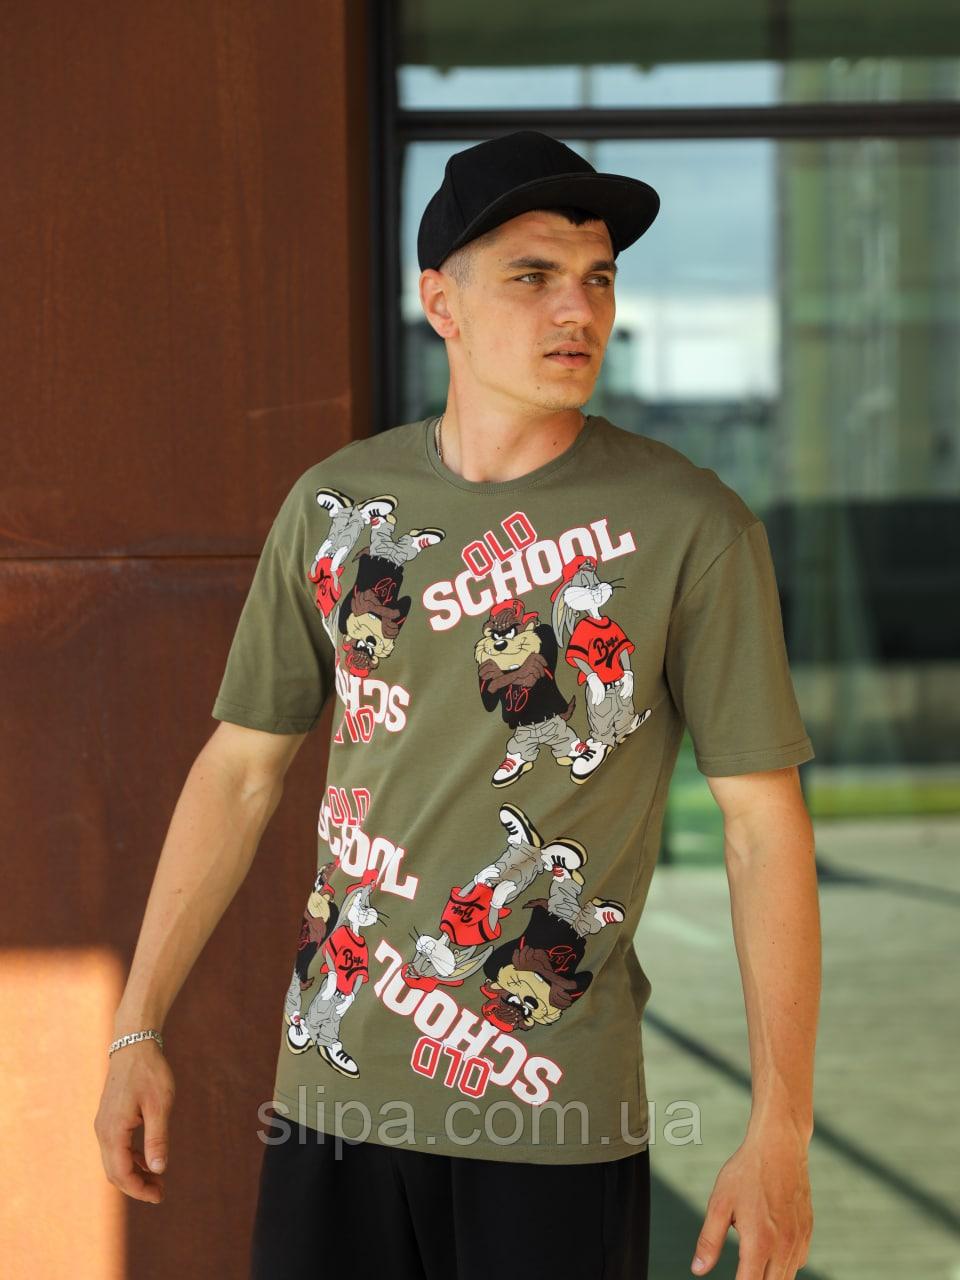 Хакі футболка чоловіча OLD SCHOOL   Туреччина   трикотаж супрем